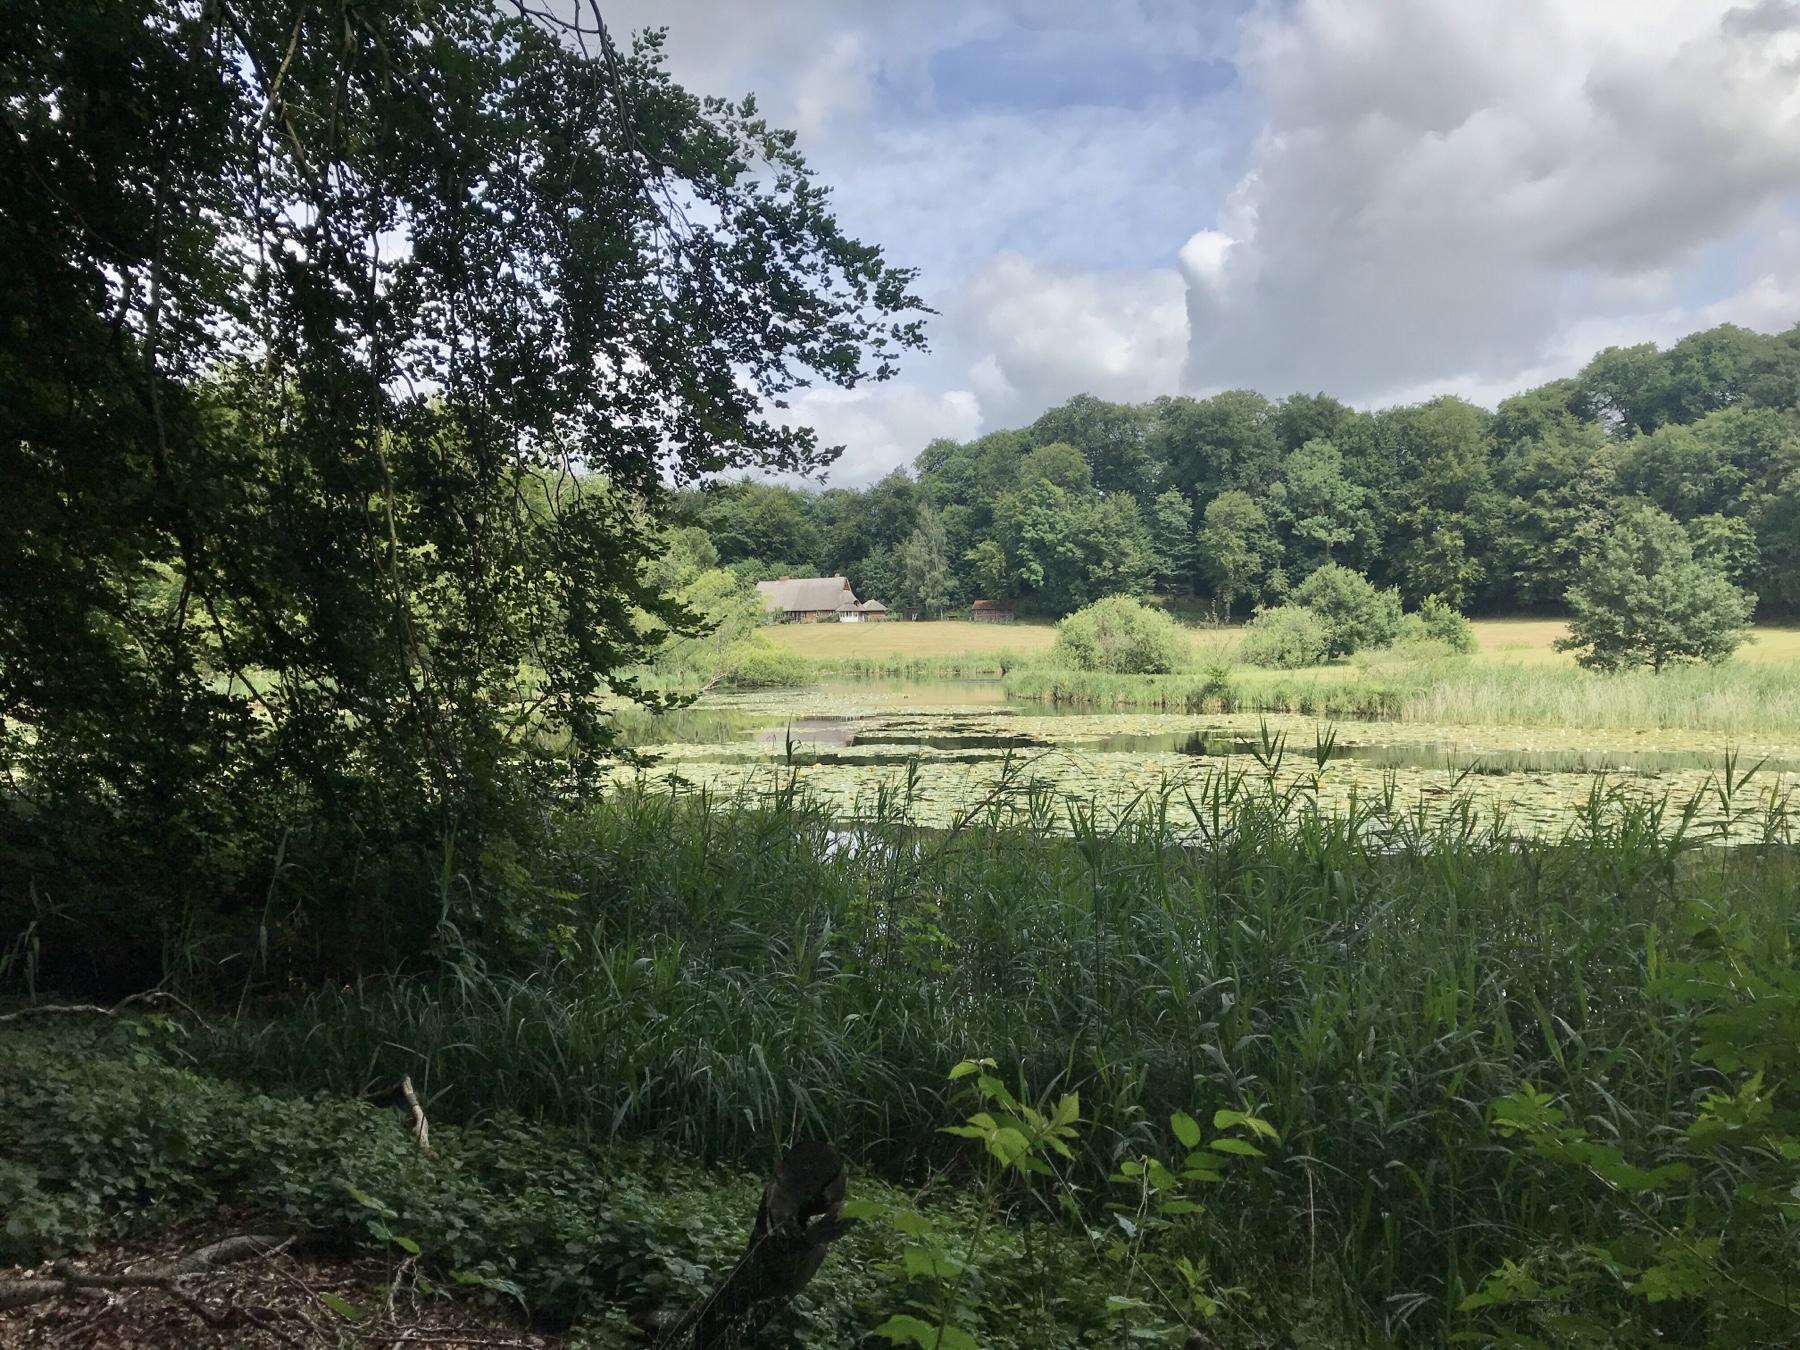 Teich in der Nähe des Klosters Nütschau